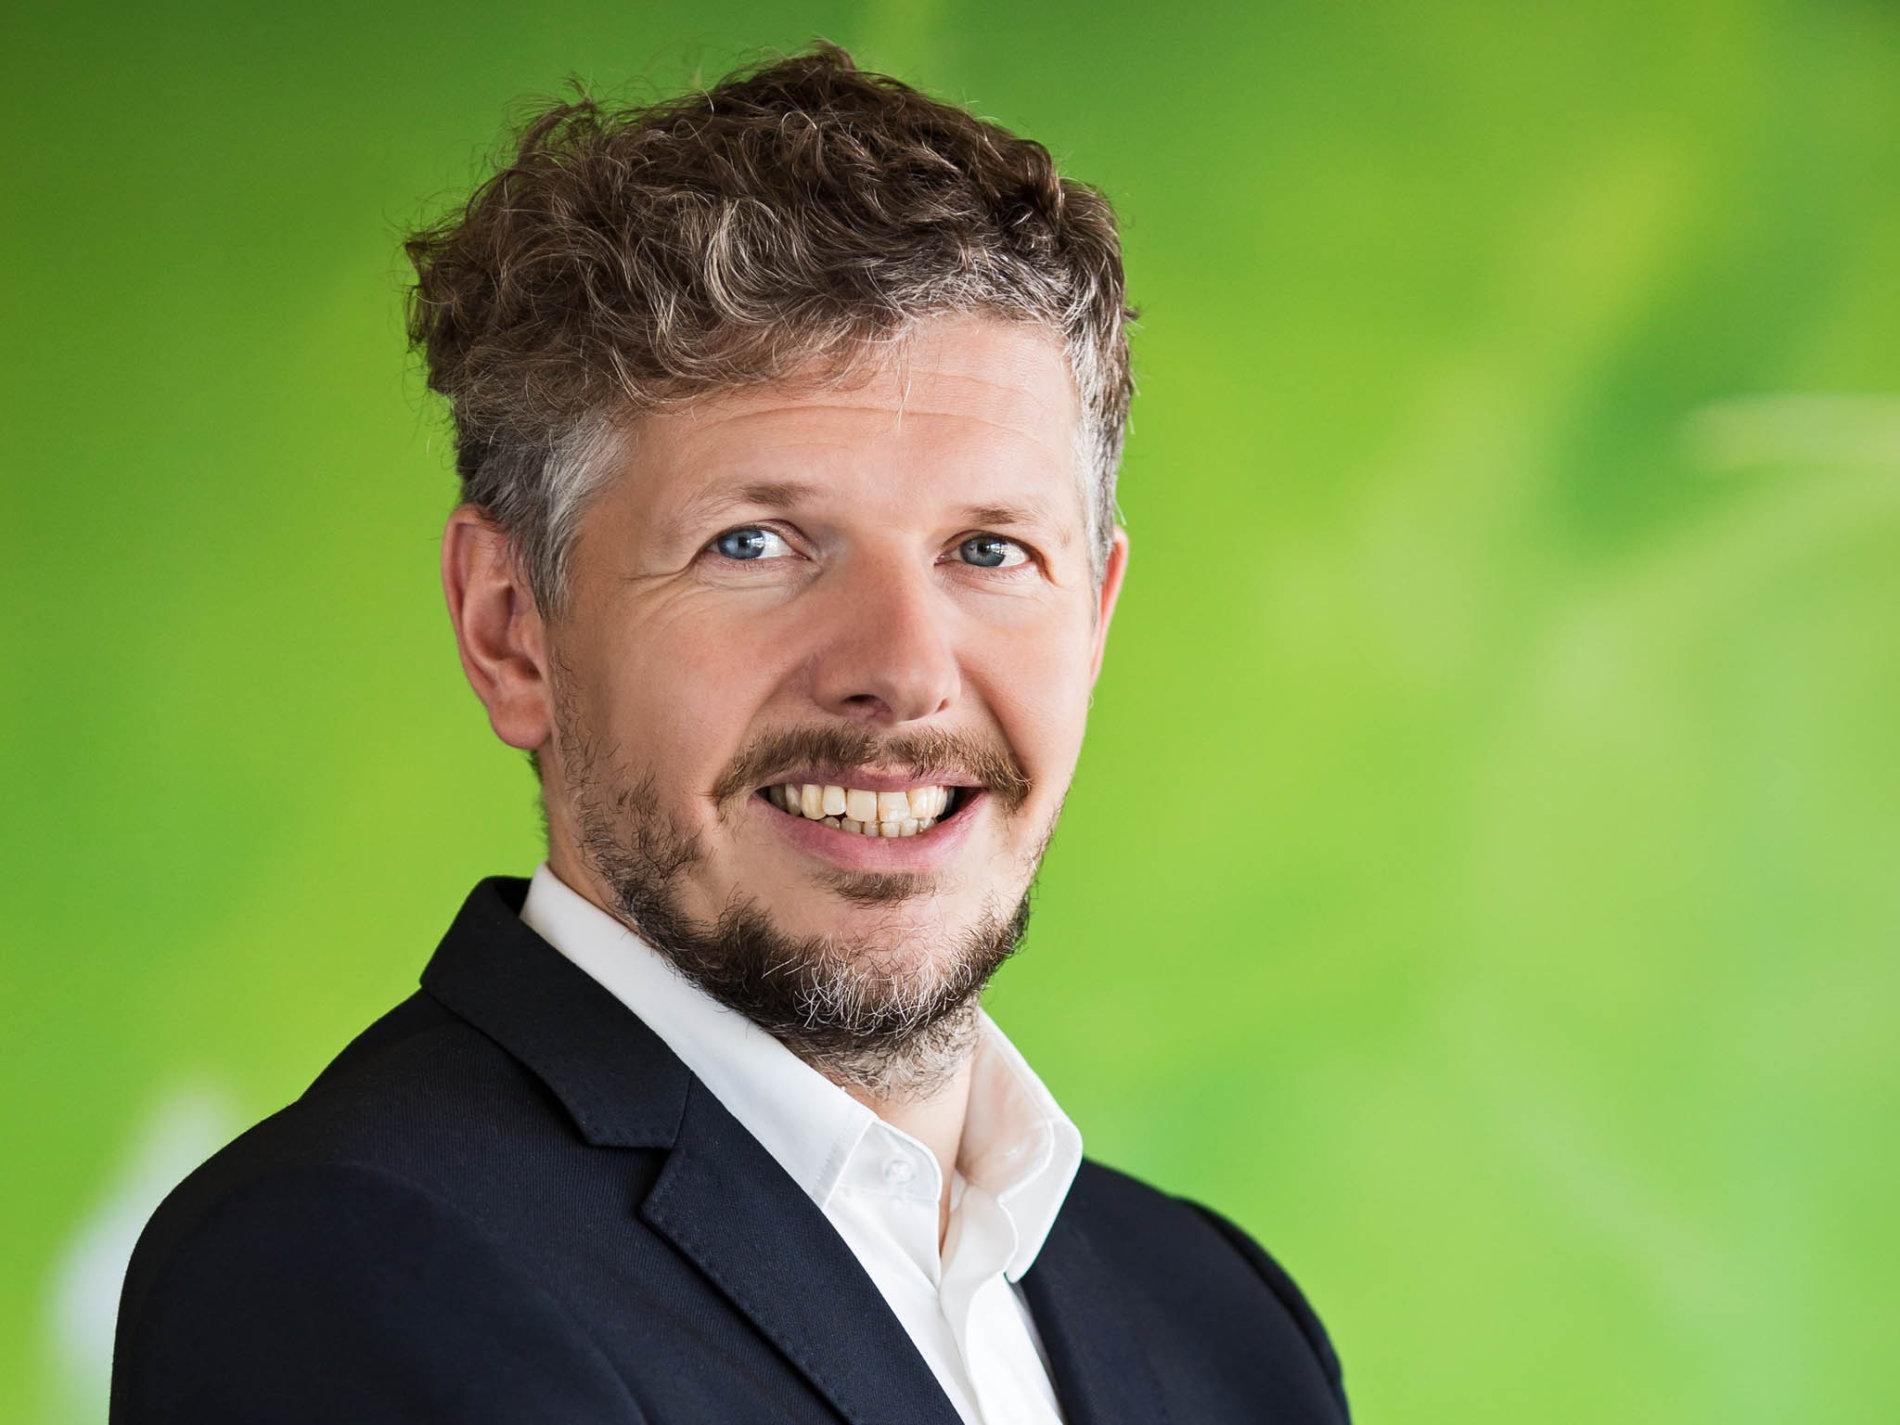 Filip Hrubý, tiskový mluvčí skupiny Sanofi v České republice